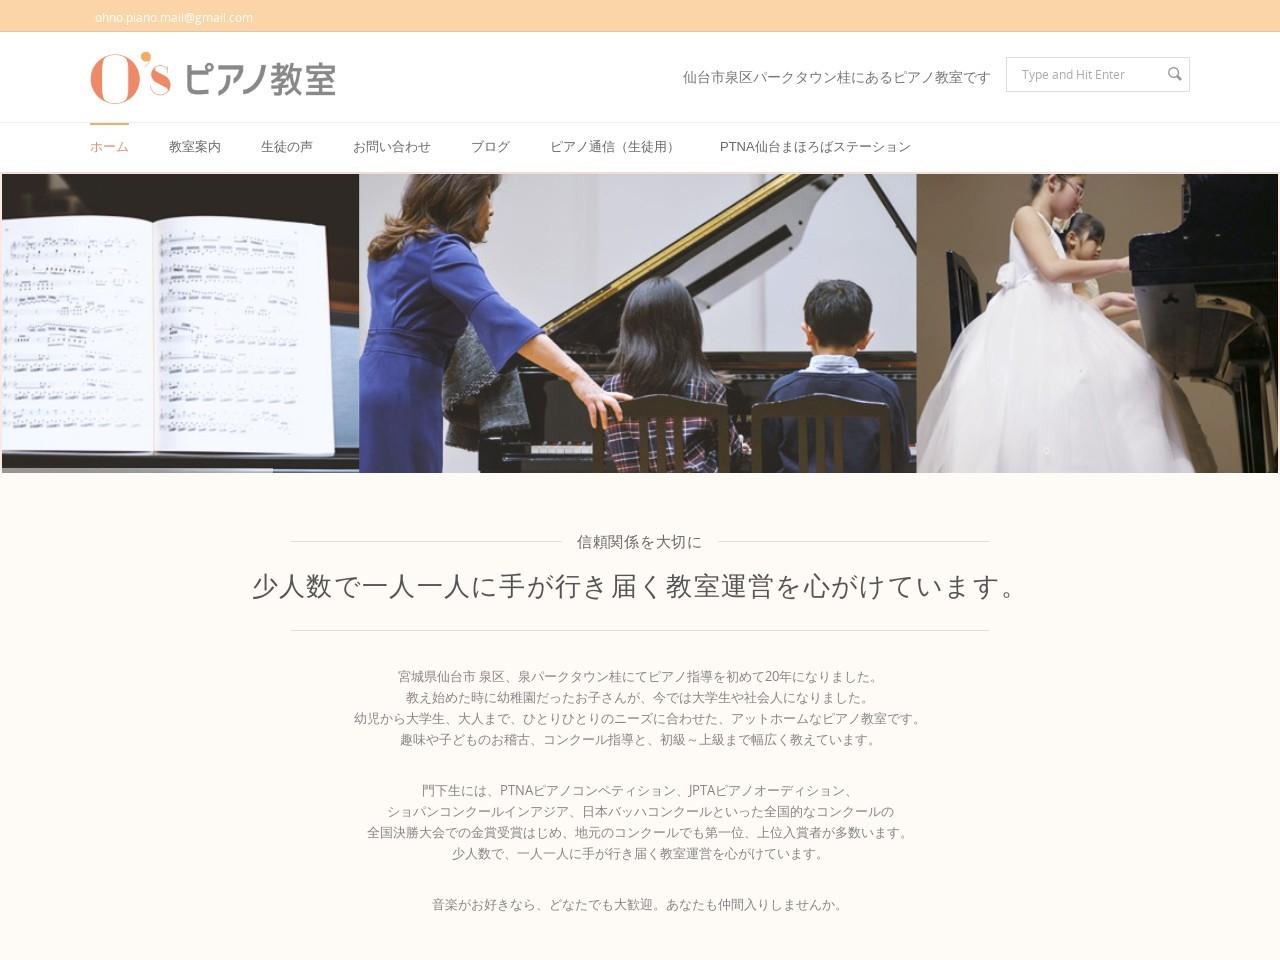 O'sピアノ教室のサムネイル